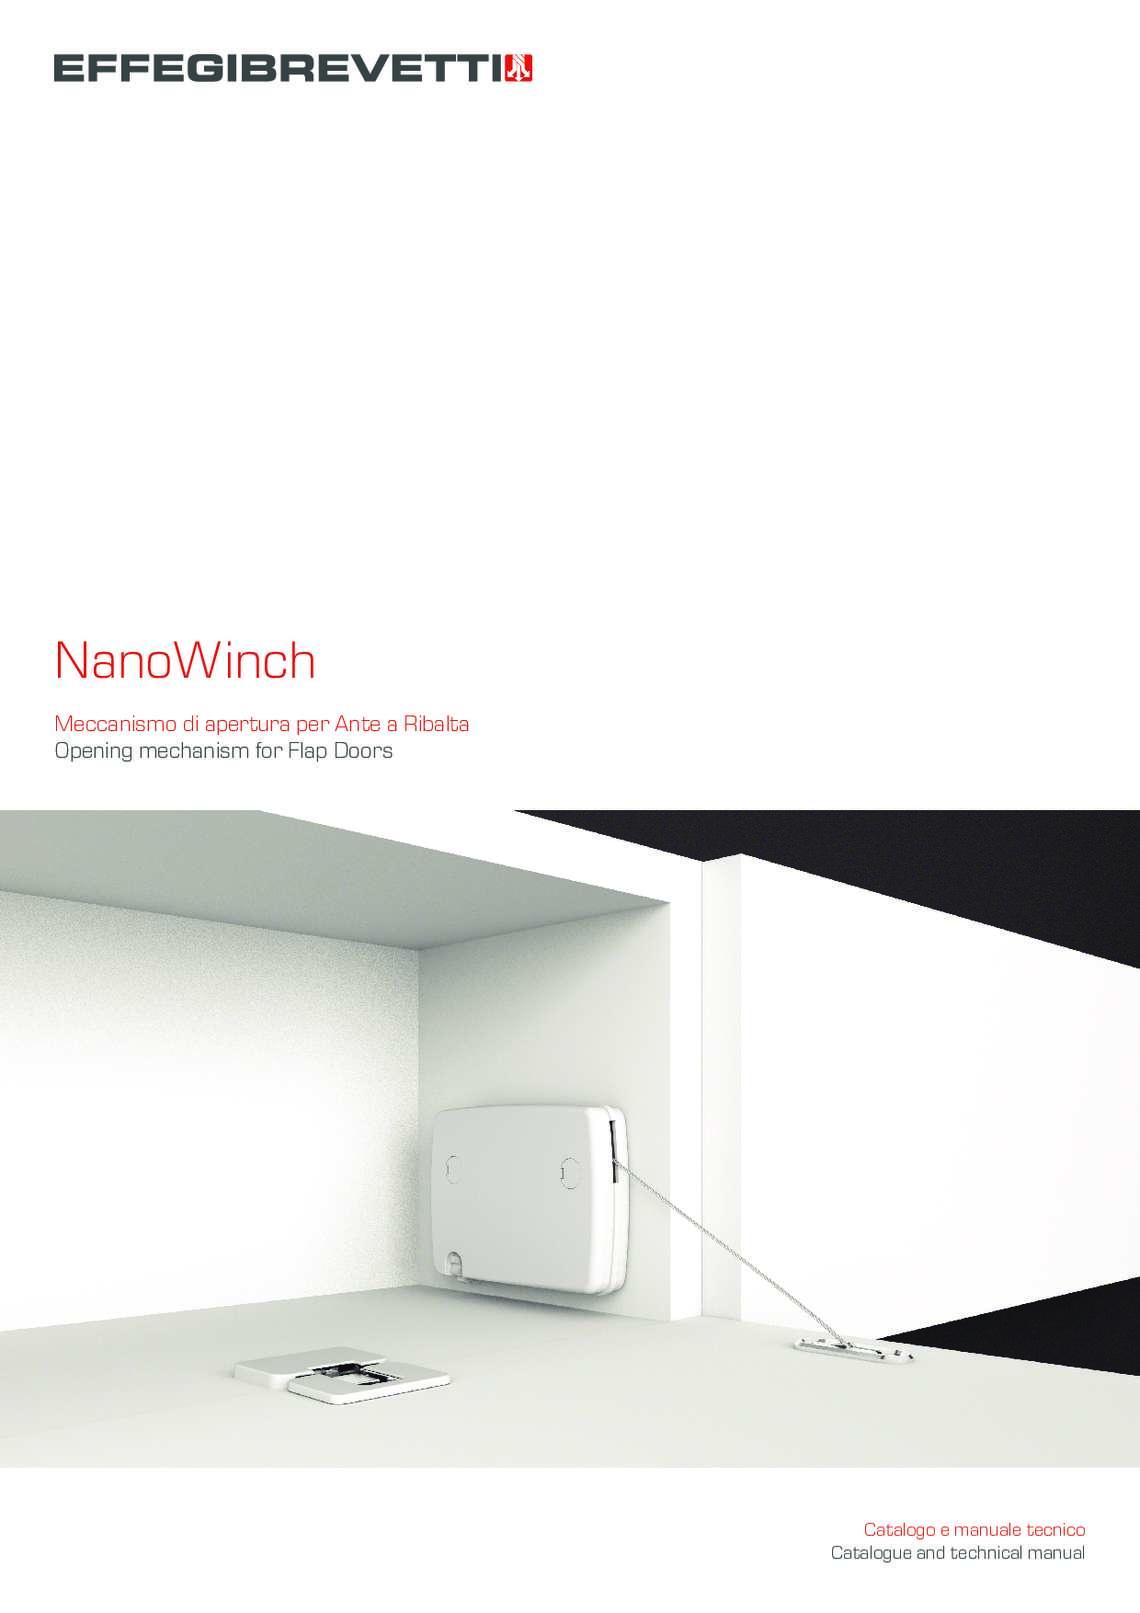 NanoWinch Meccanismo per ante a ribalta Effegibrevetti